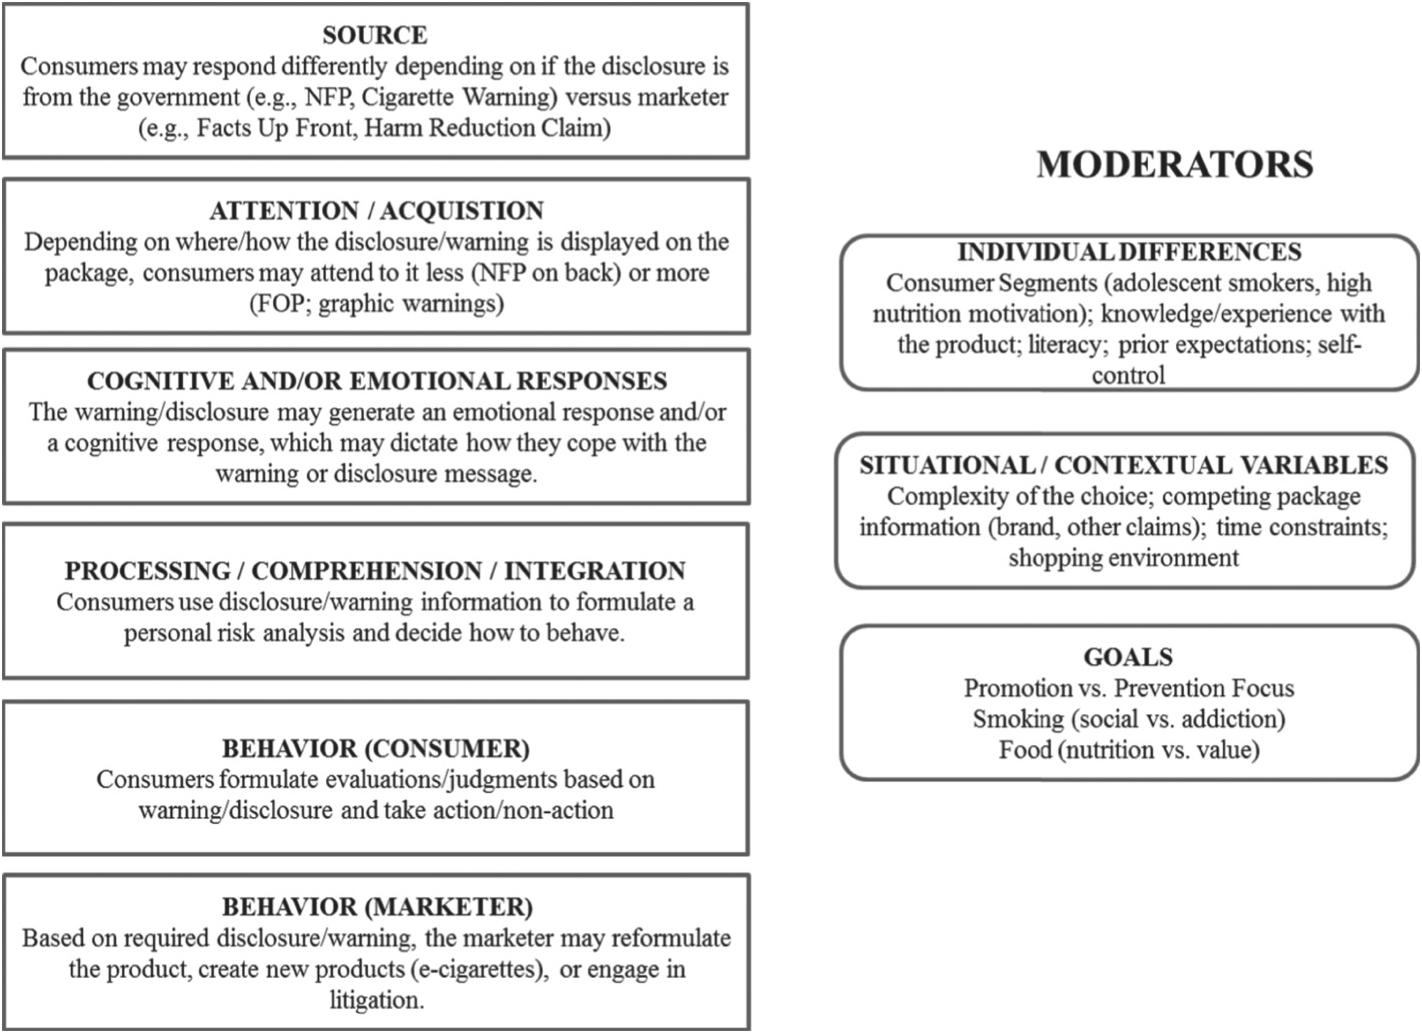 Societal Structures (Part III) - The Cambridge Handbook of